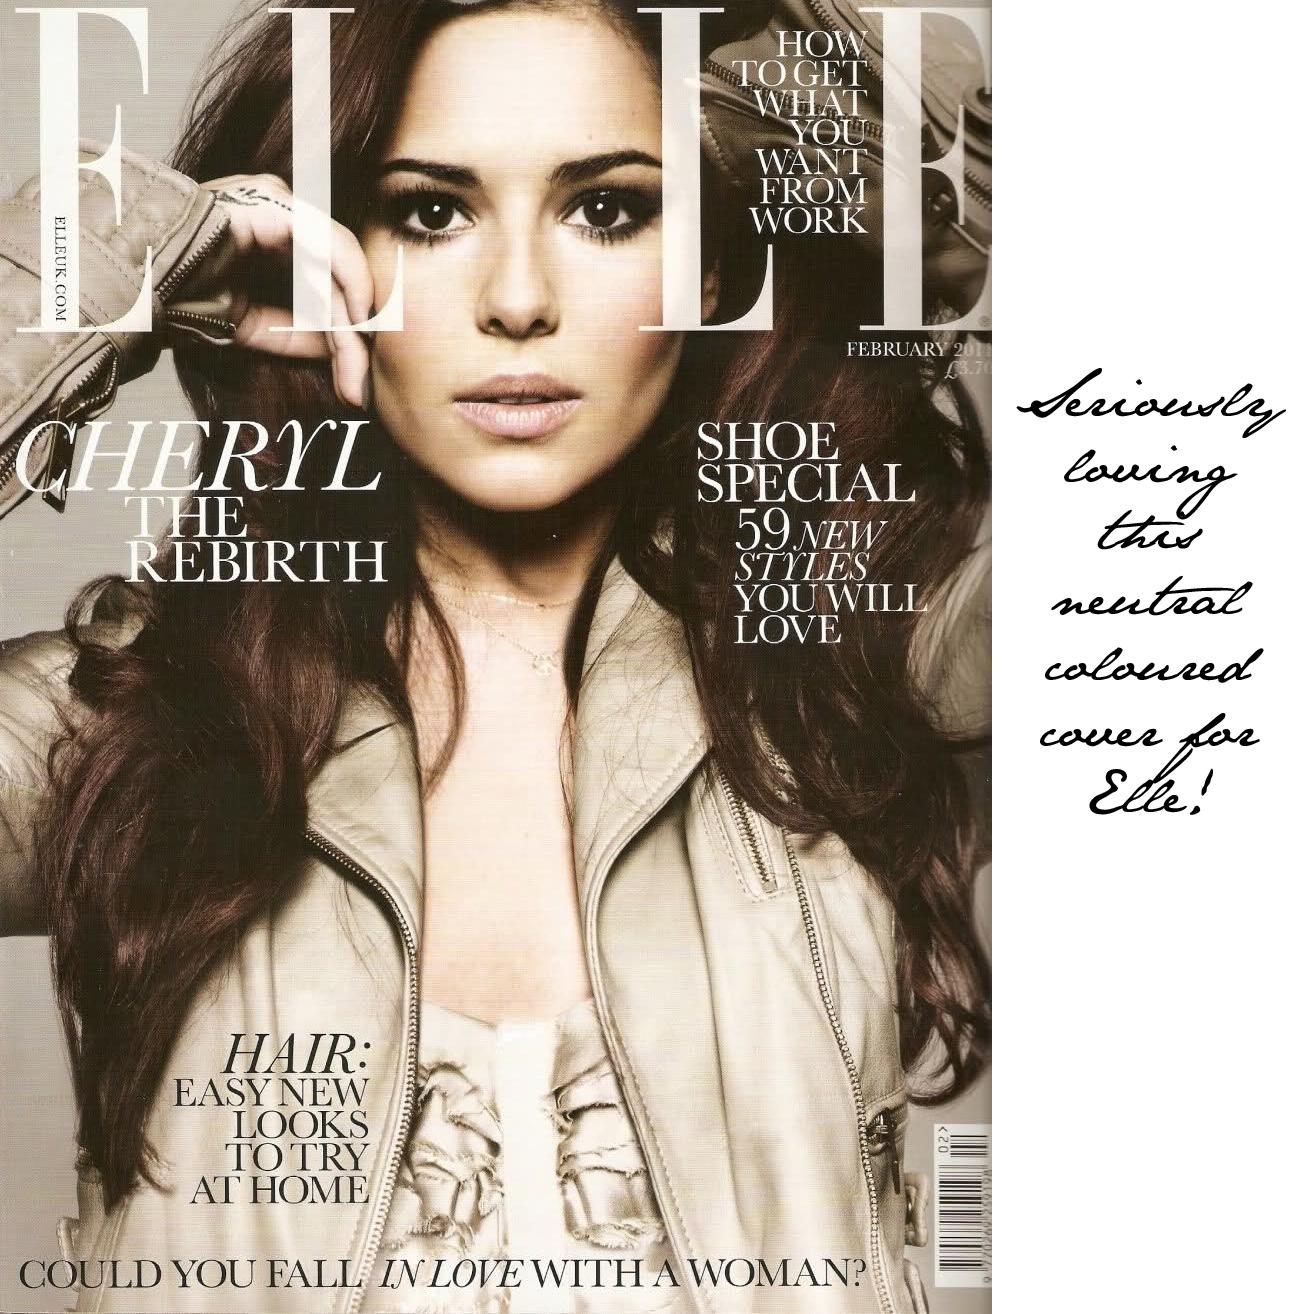 http://4.bp.blogspot.com/_NuQ1asHchXU/TR-3C4gDWBI/AAAAAAAAPWo/mJ9d9GZMoRk/s1600/Cheryl+Cole+Elle.jpg